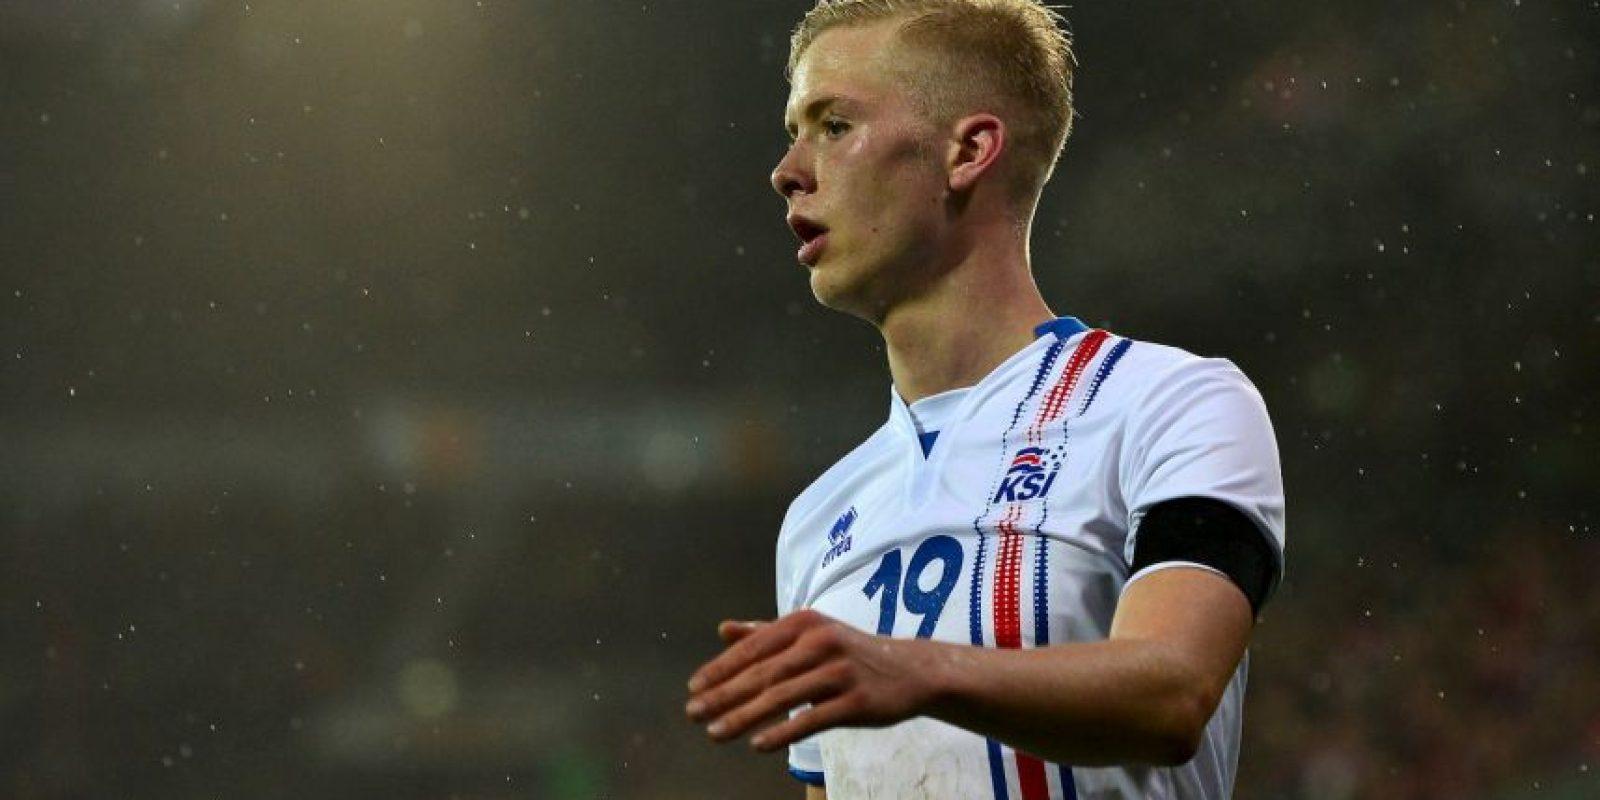 Islandia llega al torneo de selecciones de Europa tras haber clasificado como el tercer mejor tercero y espera ser la gran sorpresa Foto:Getty Images